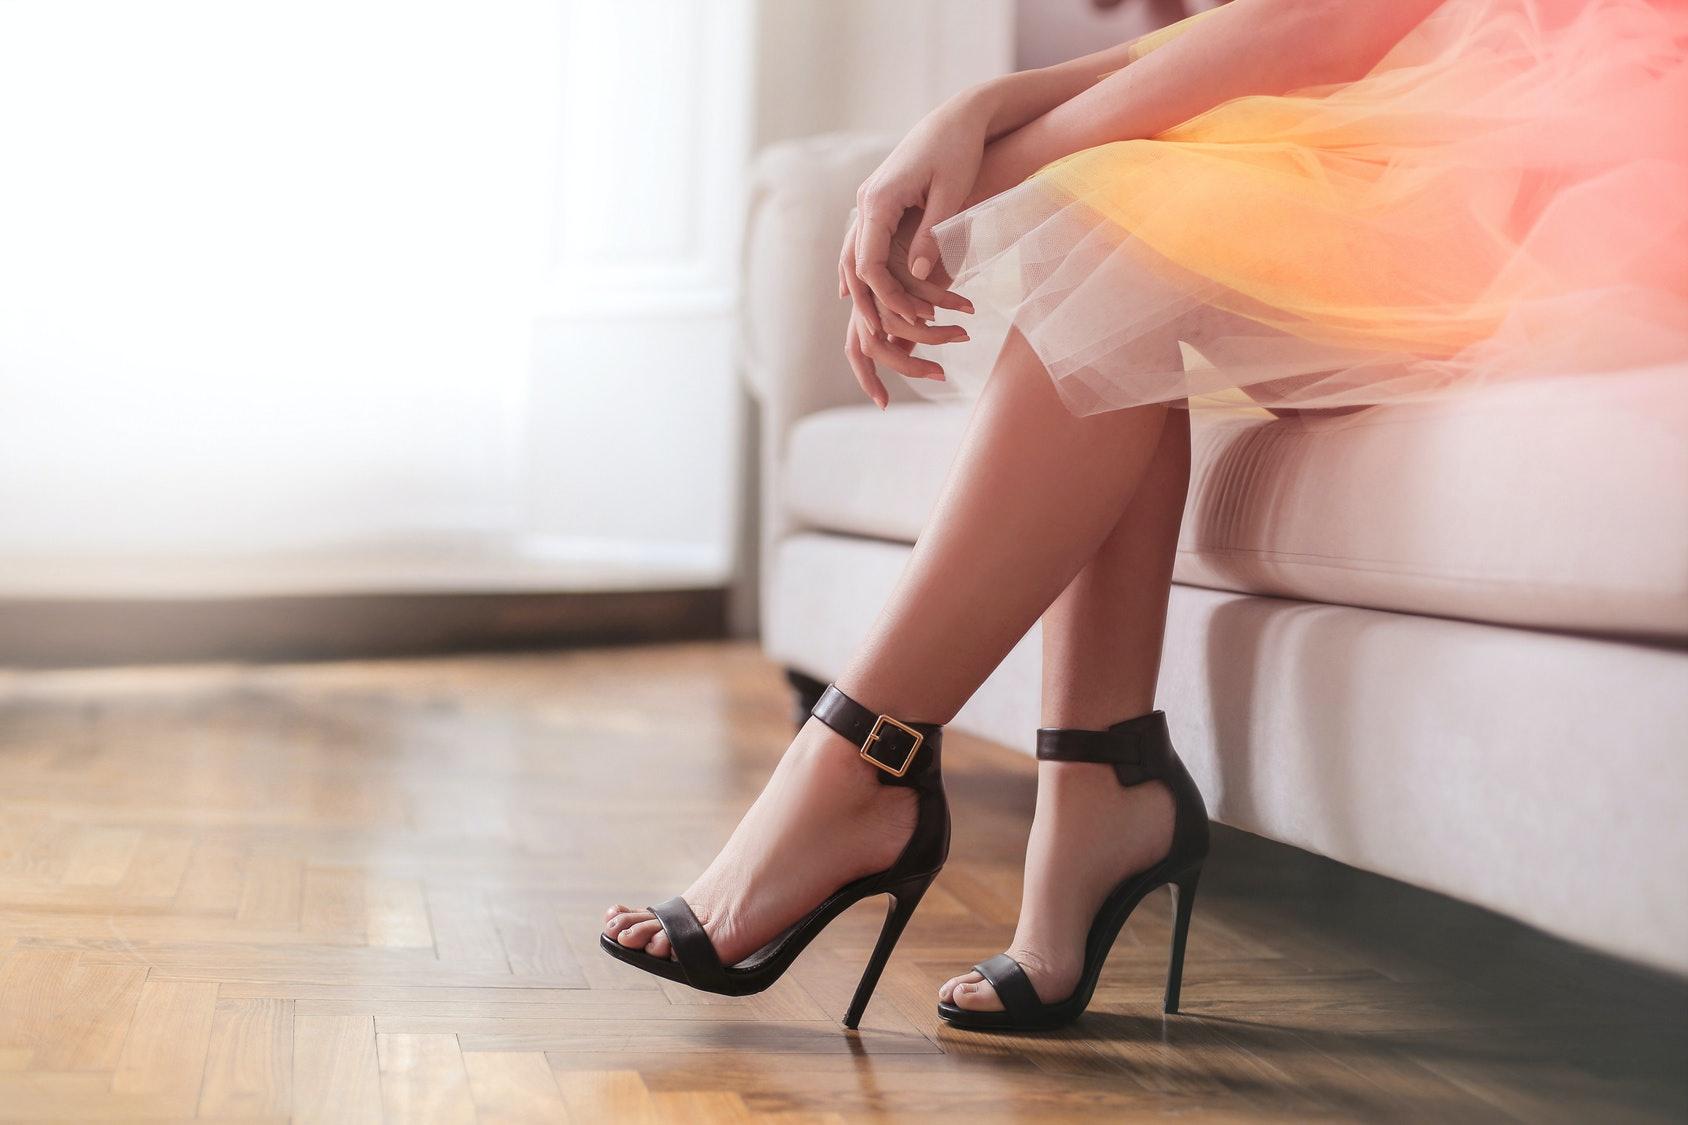 Taller heels dating